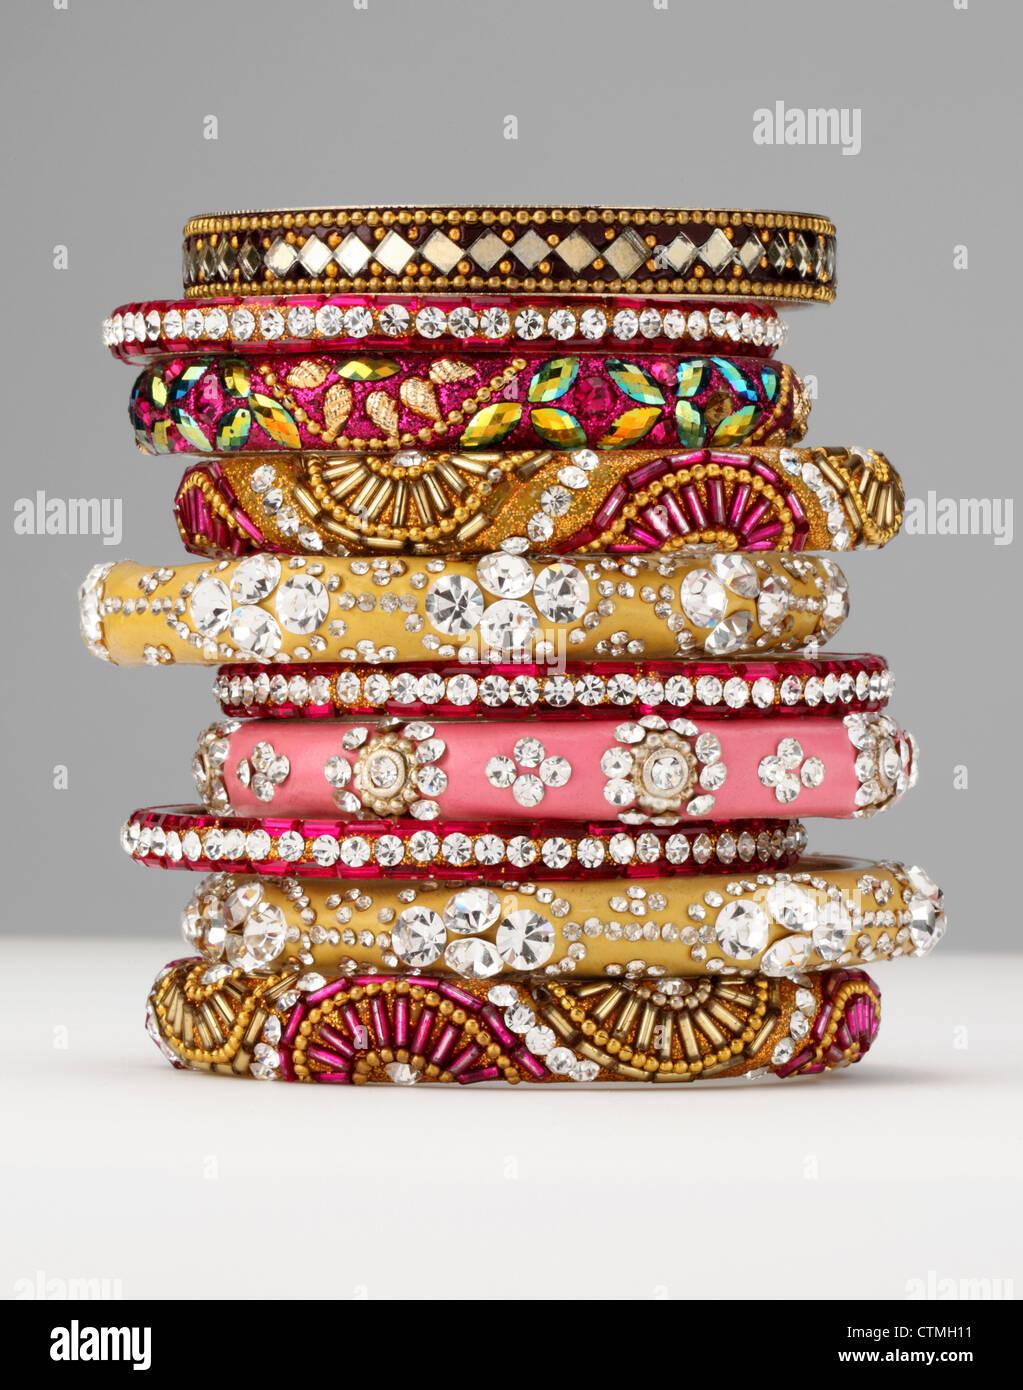 Bisutería. Una pila de coloridas pulseras. Imagen De Stock